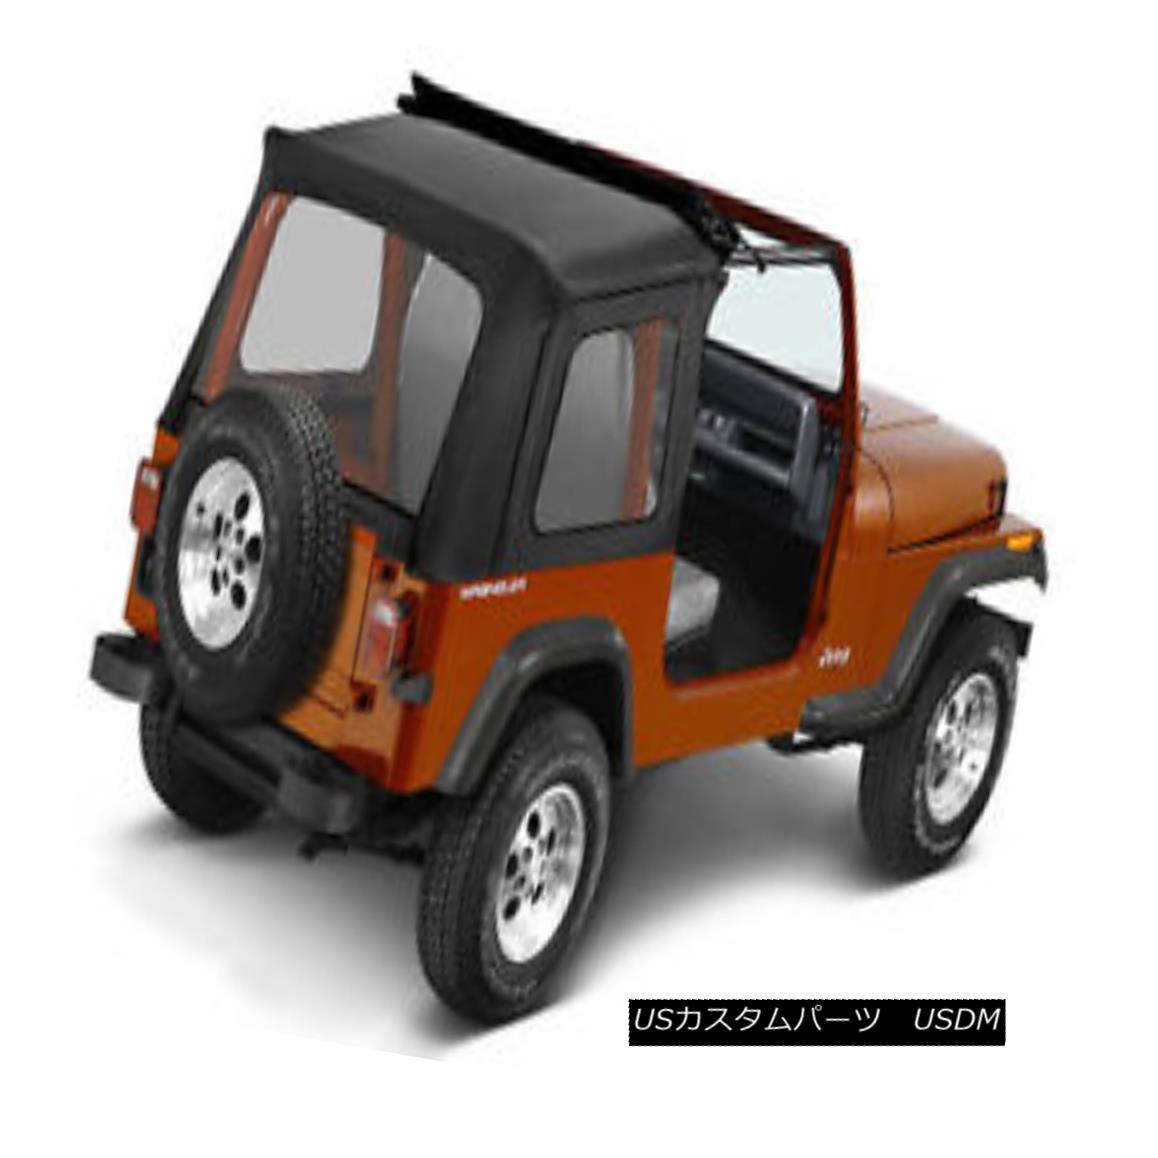 幌・ソフトトップ Bestop Sunrider 76-95 Jeep CJ7 / Wrangler YJ Clear Windows Black Crush Bestopサンライダー76-95ジープCJ7 /ラングラーYJクリアウィンドウブラッククラッシュ